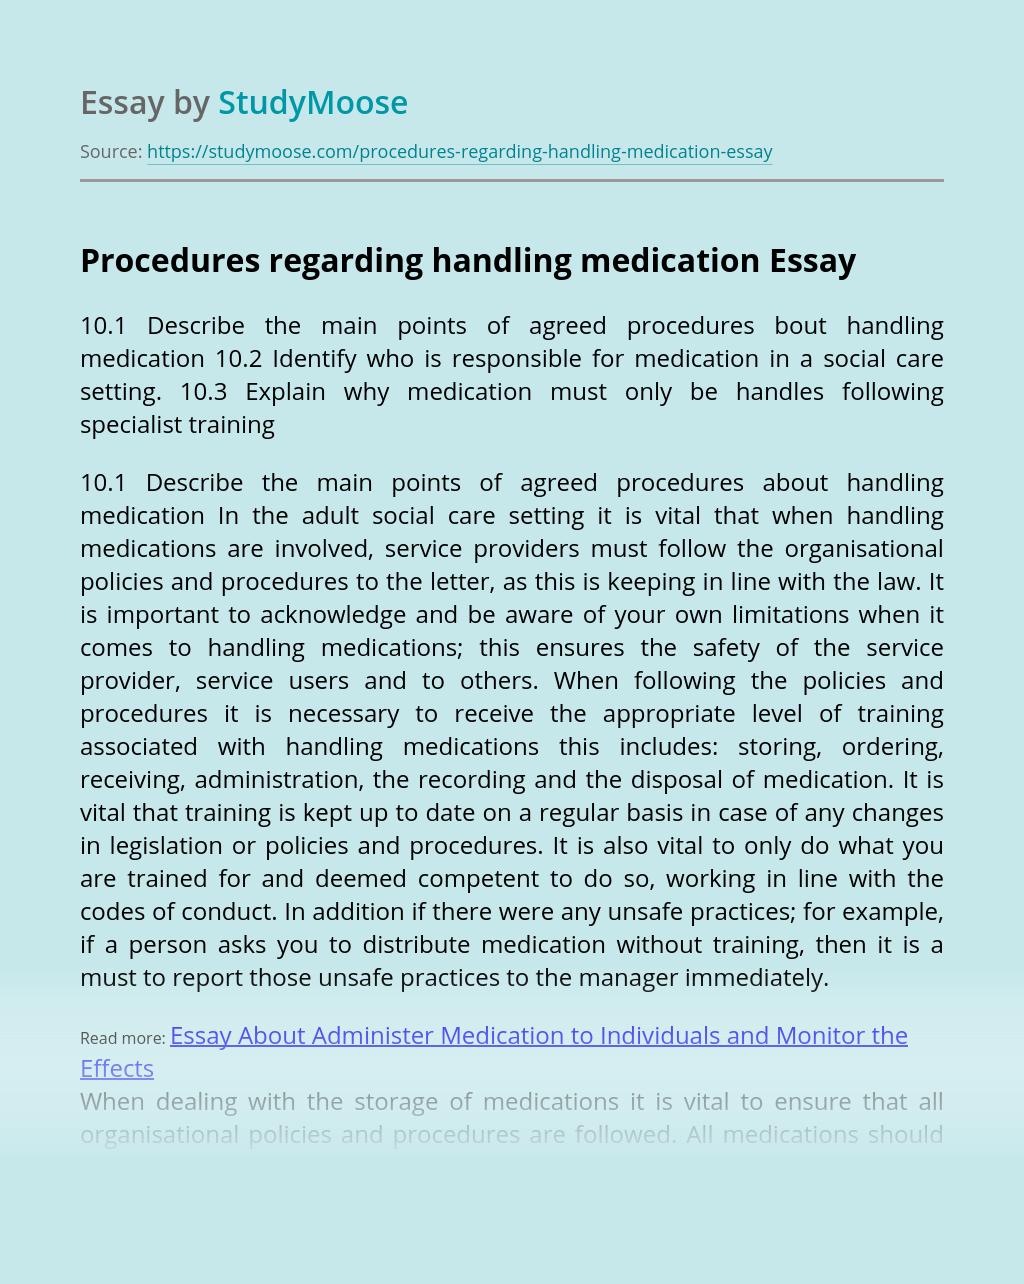 Procedures regarding handling medication